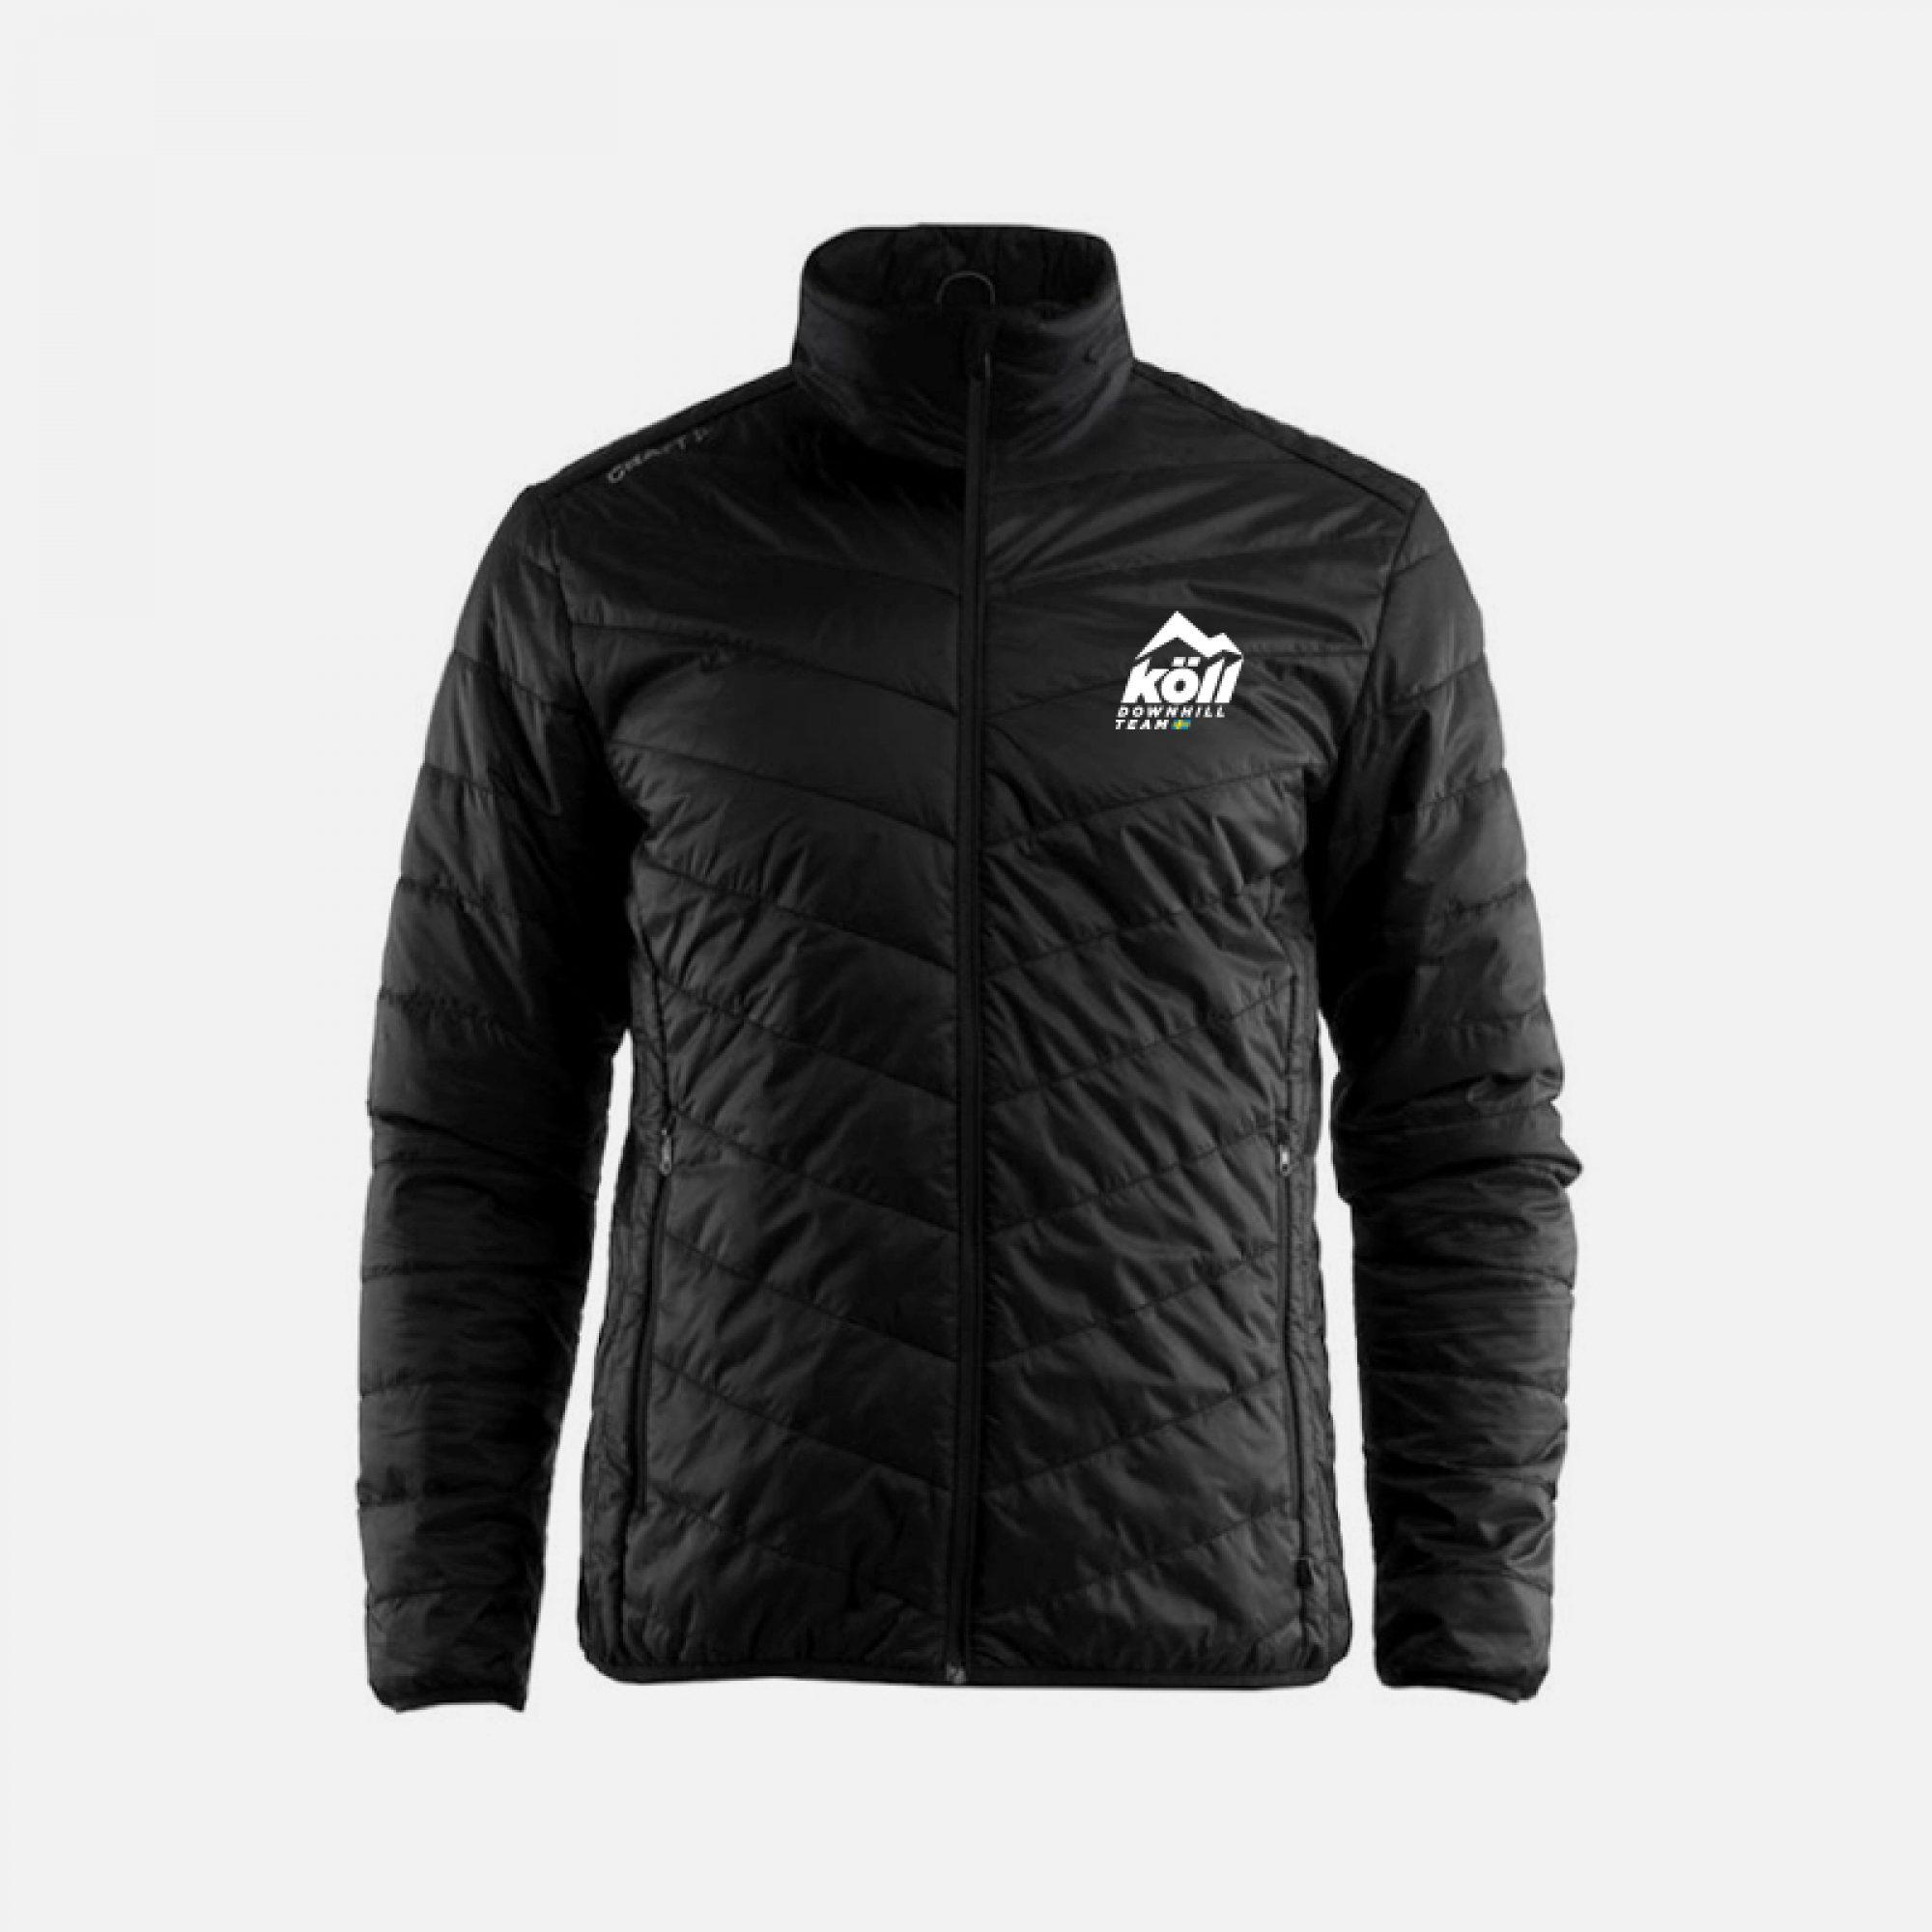 Köll jacket